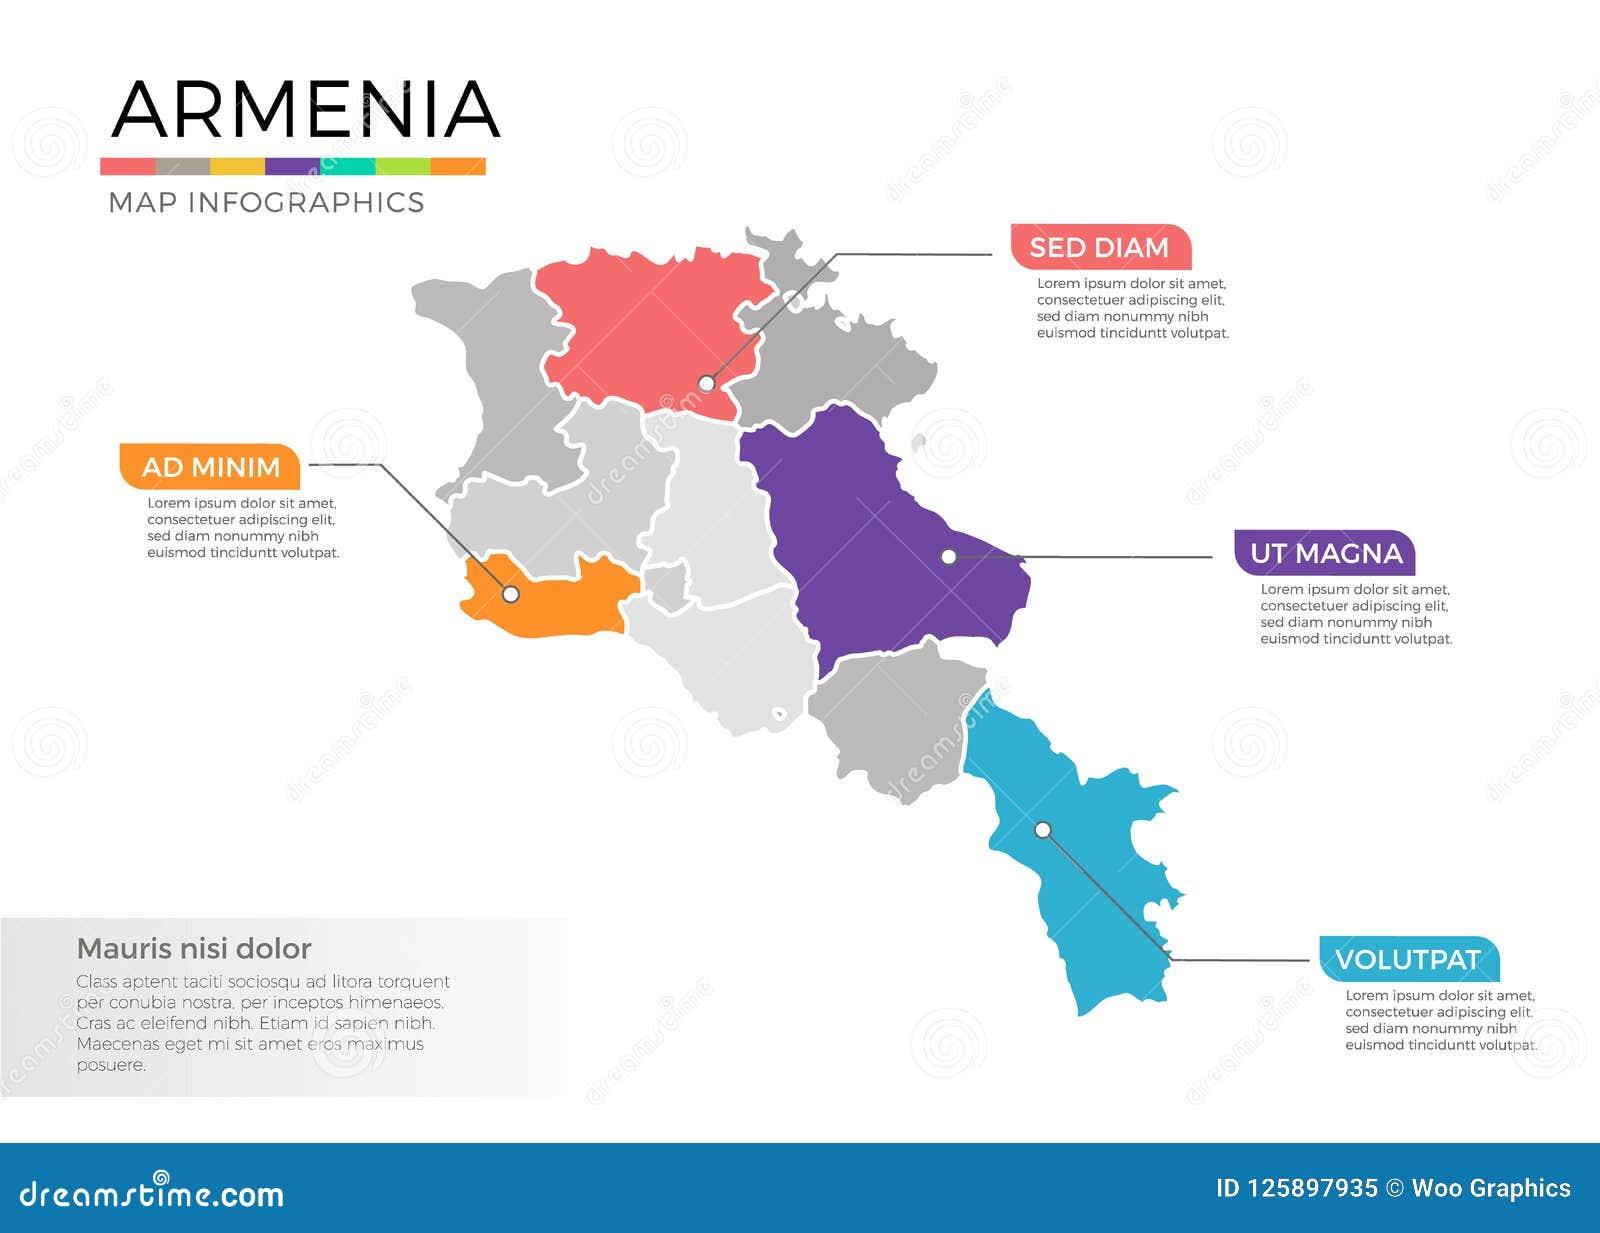 Armenien Karte.Armenien Karte Infographics Vektorschablone Mit Regionen Und